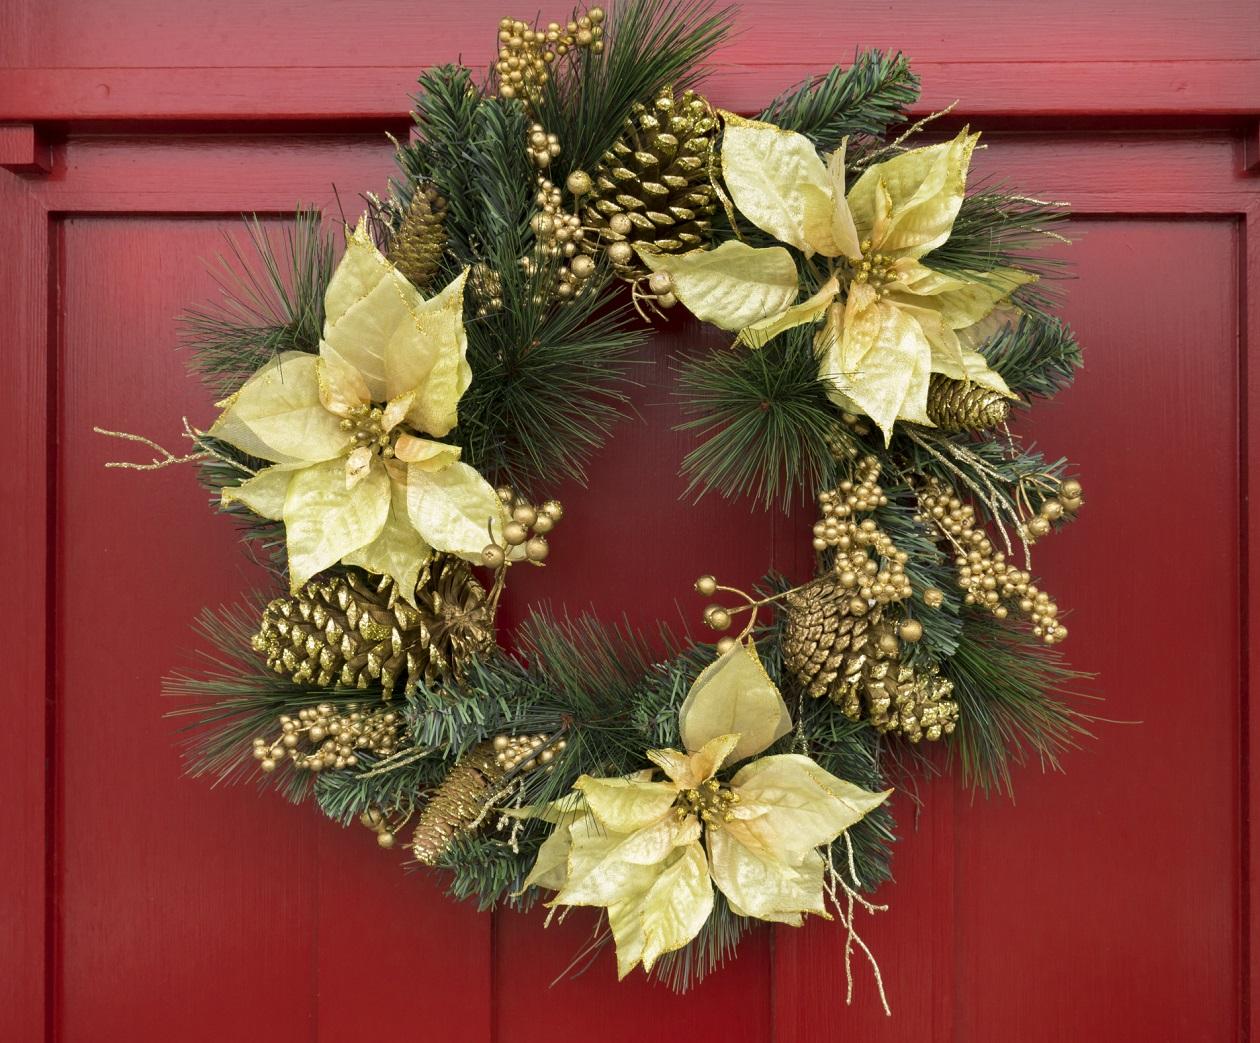 ngeles amor el ritual de la corona adviento On puertas decoradas sobre navidad